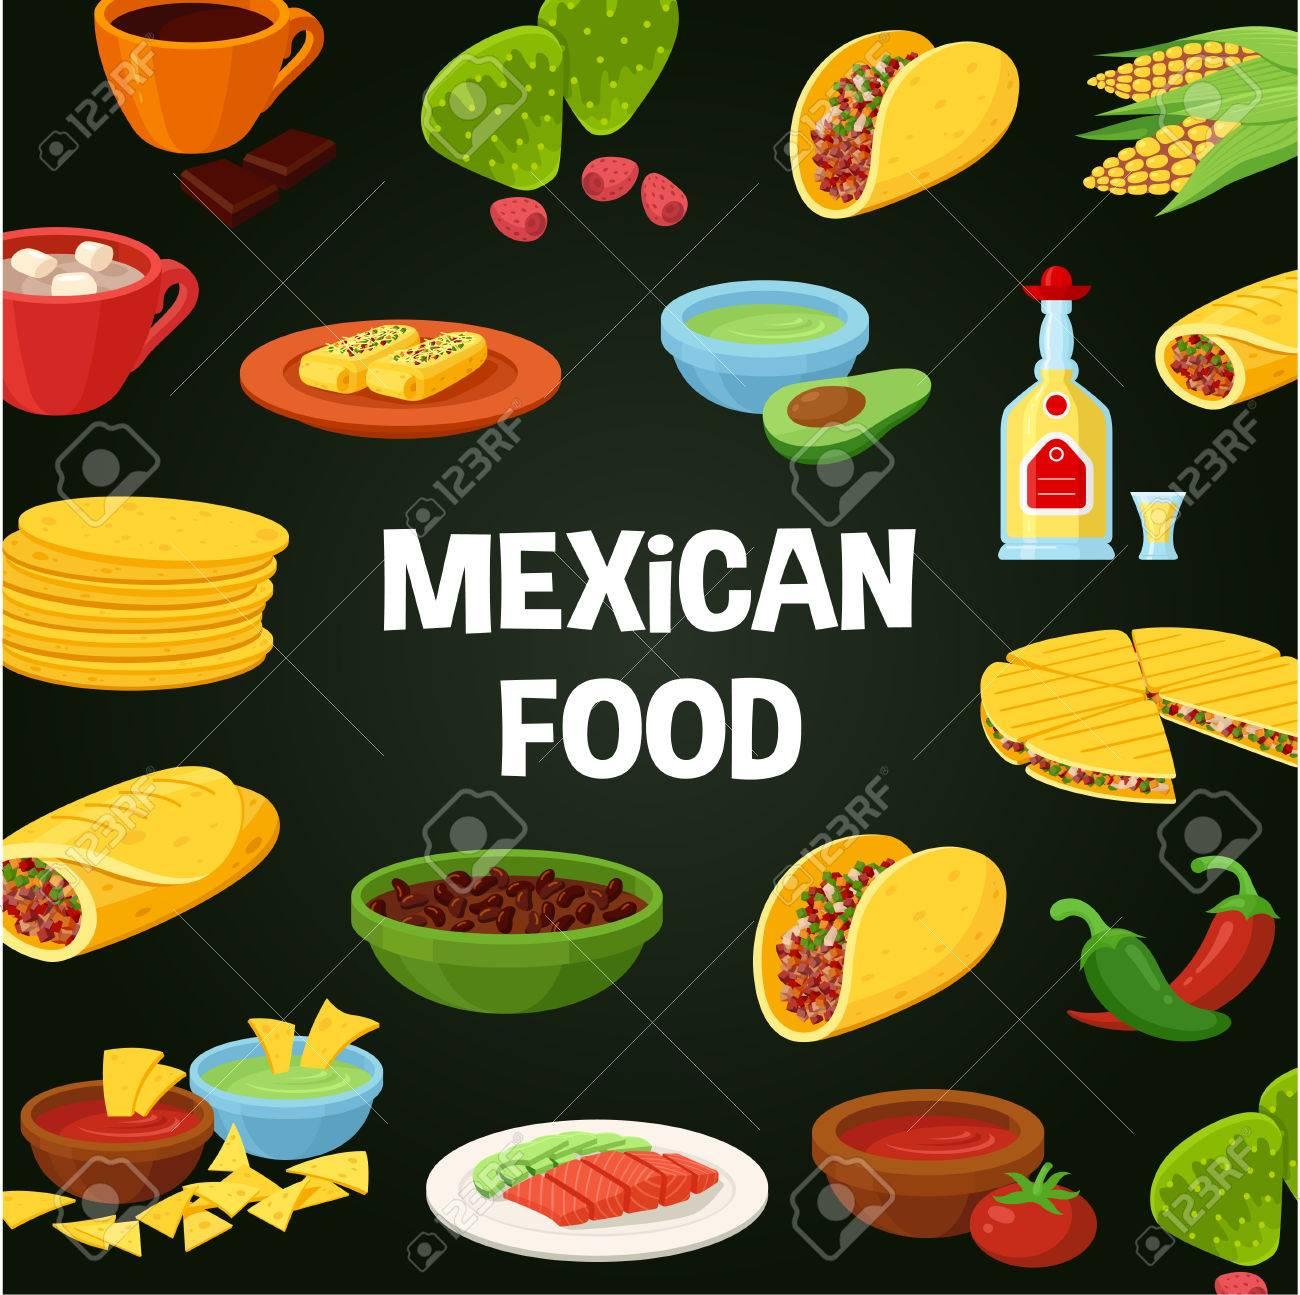 Cartel De La Comida Mexicana Menú Restaurante Tradicional Cocina Auténtica Deliciosas Recetas Para Cocinar Vector Ilustración Estilo Plano Aislado